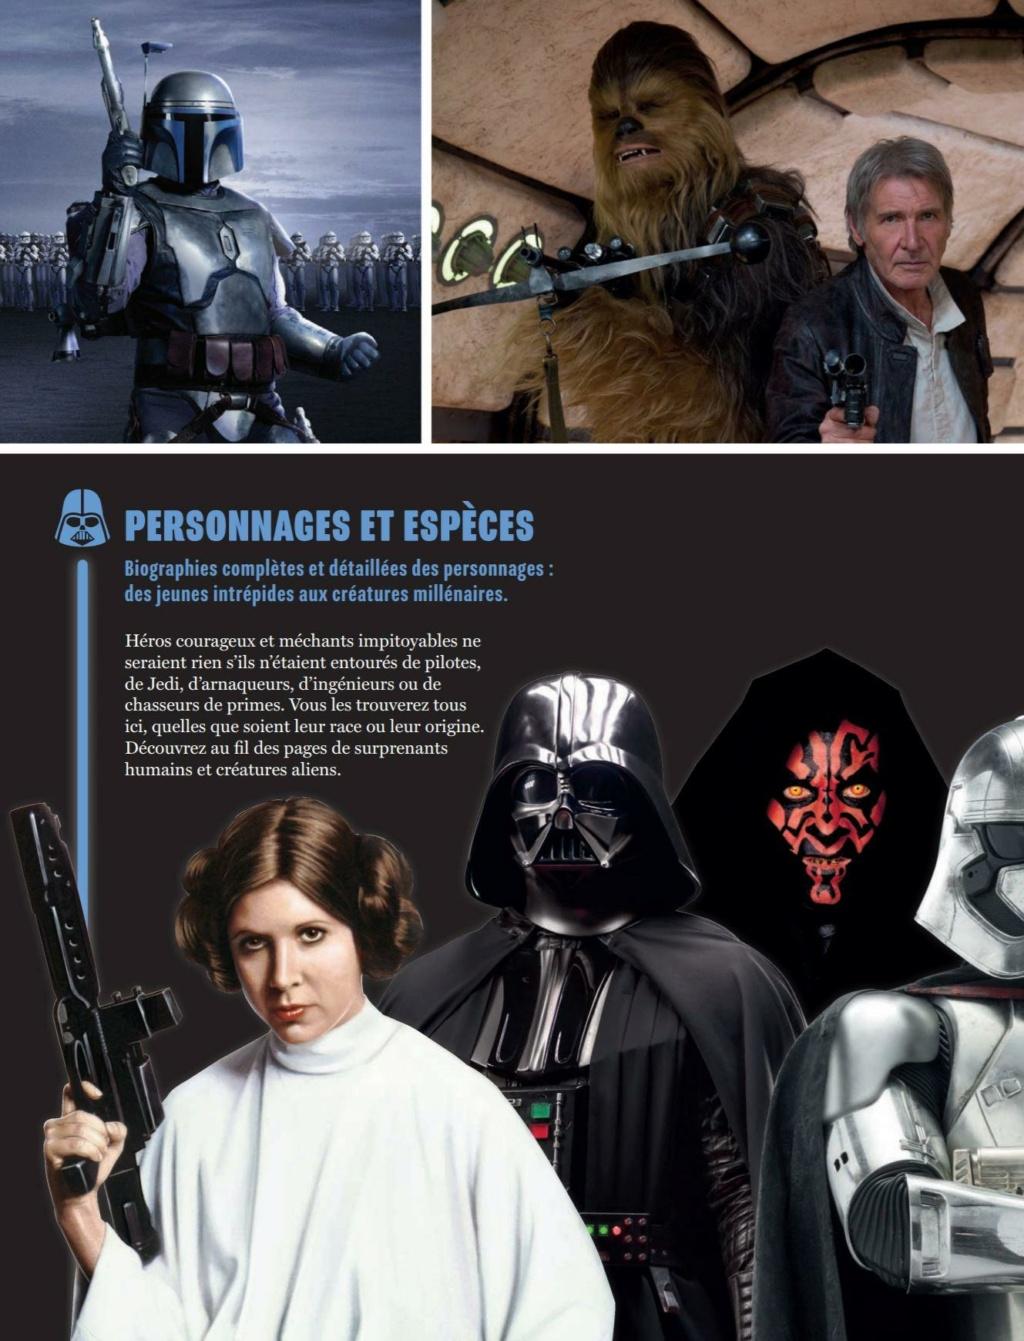 Encyclopédie Star Wars - Altaya 0437